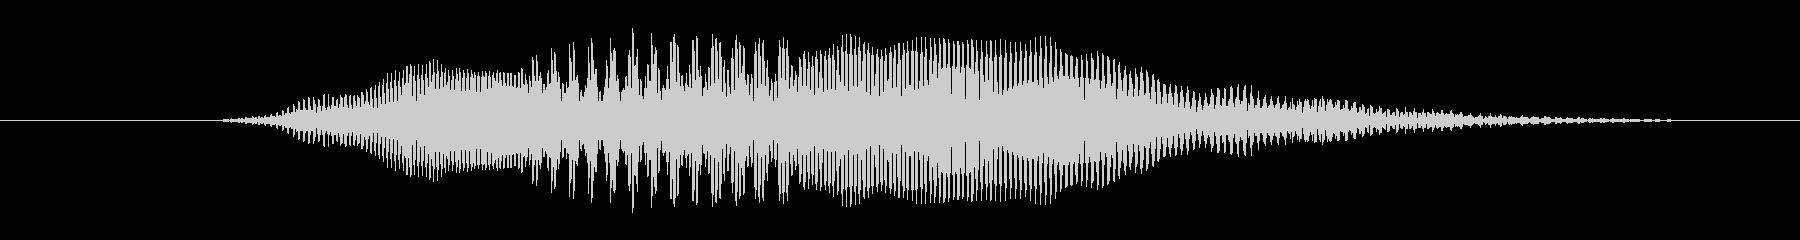 鳴き声 女性の叫び激怒03の未再生の波形